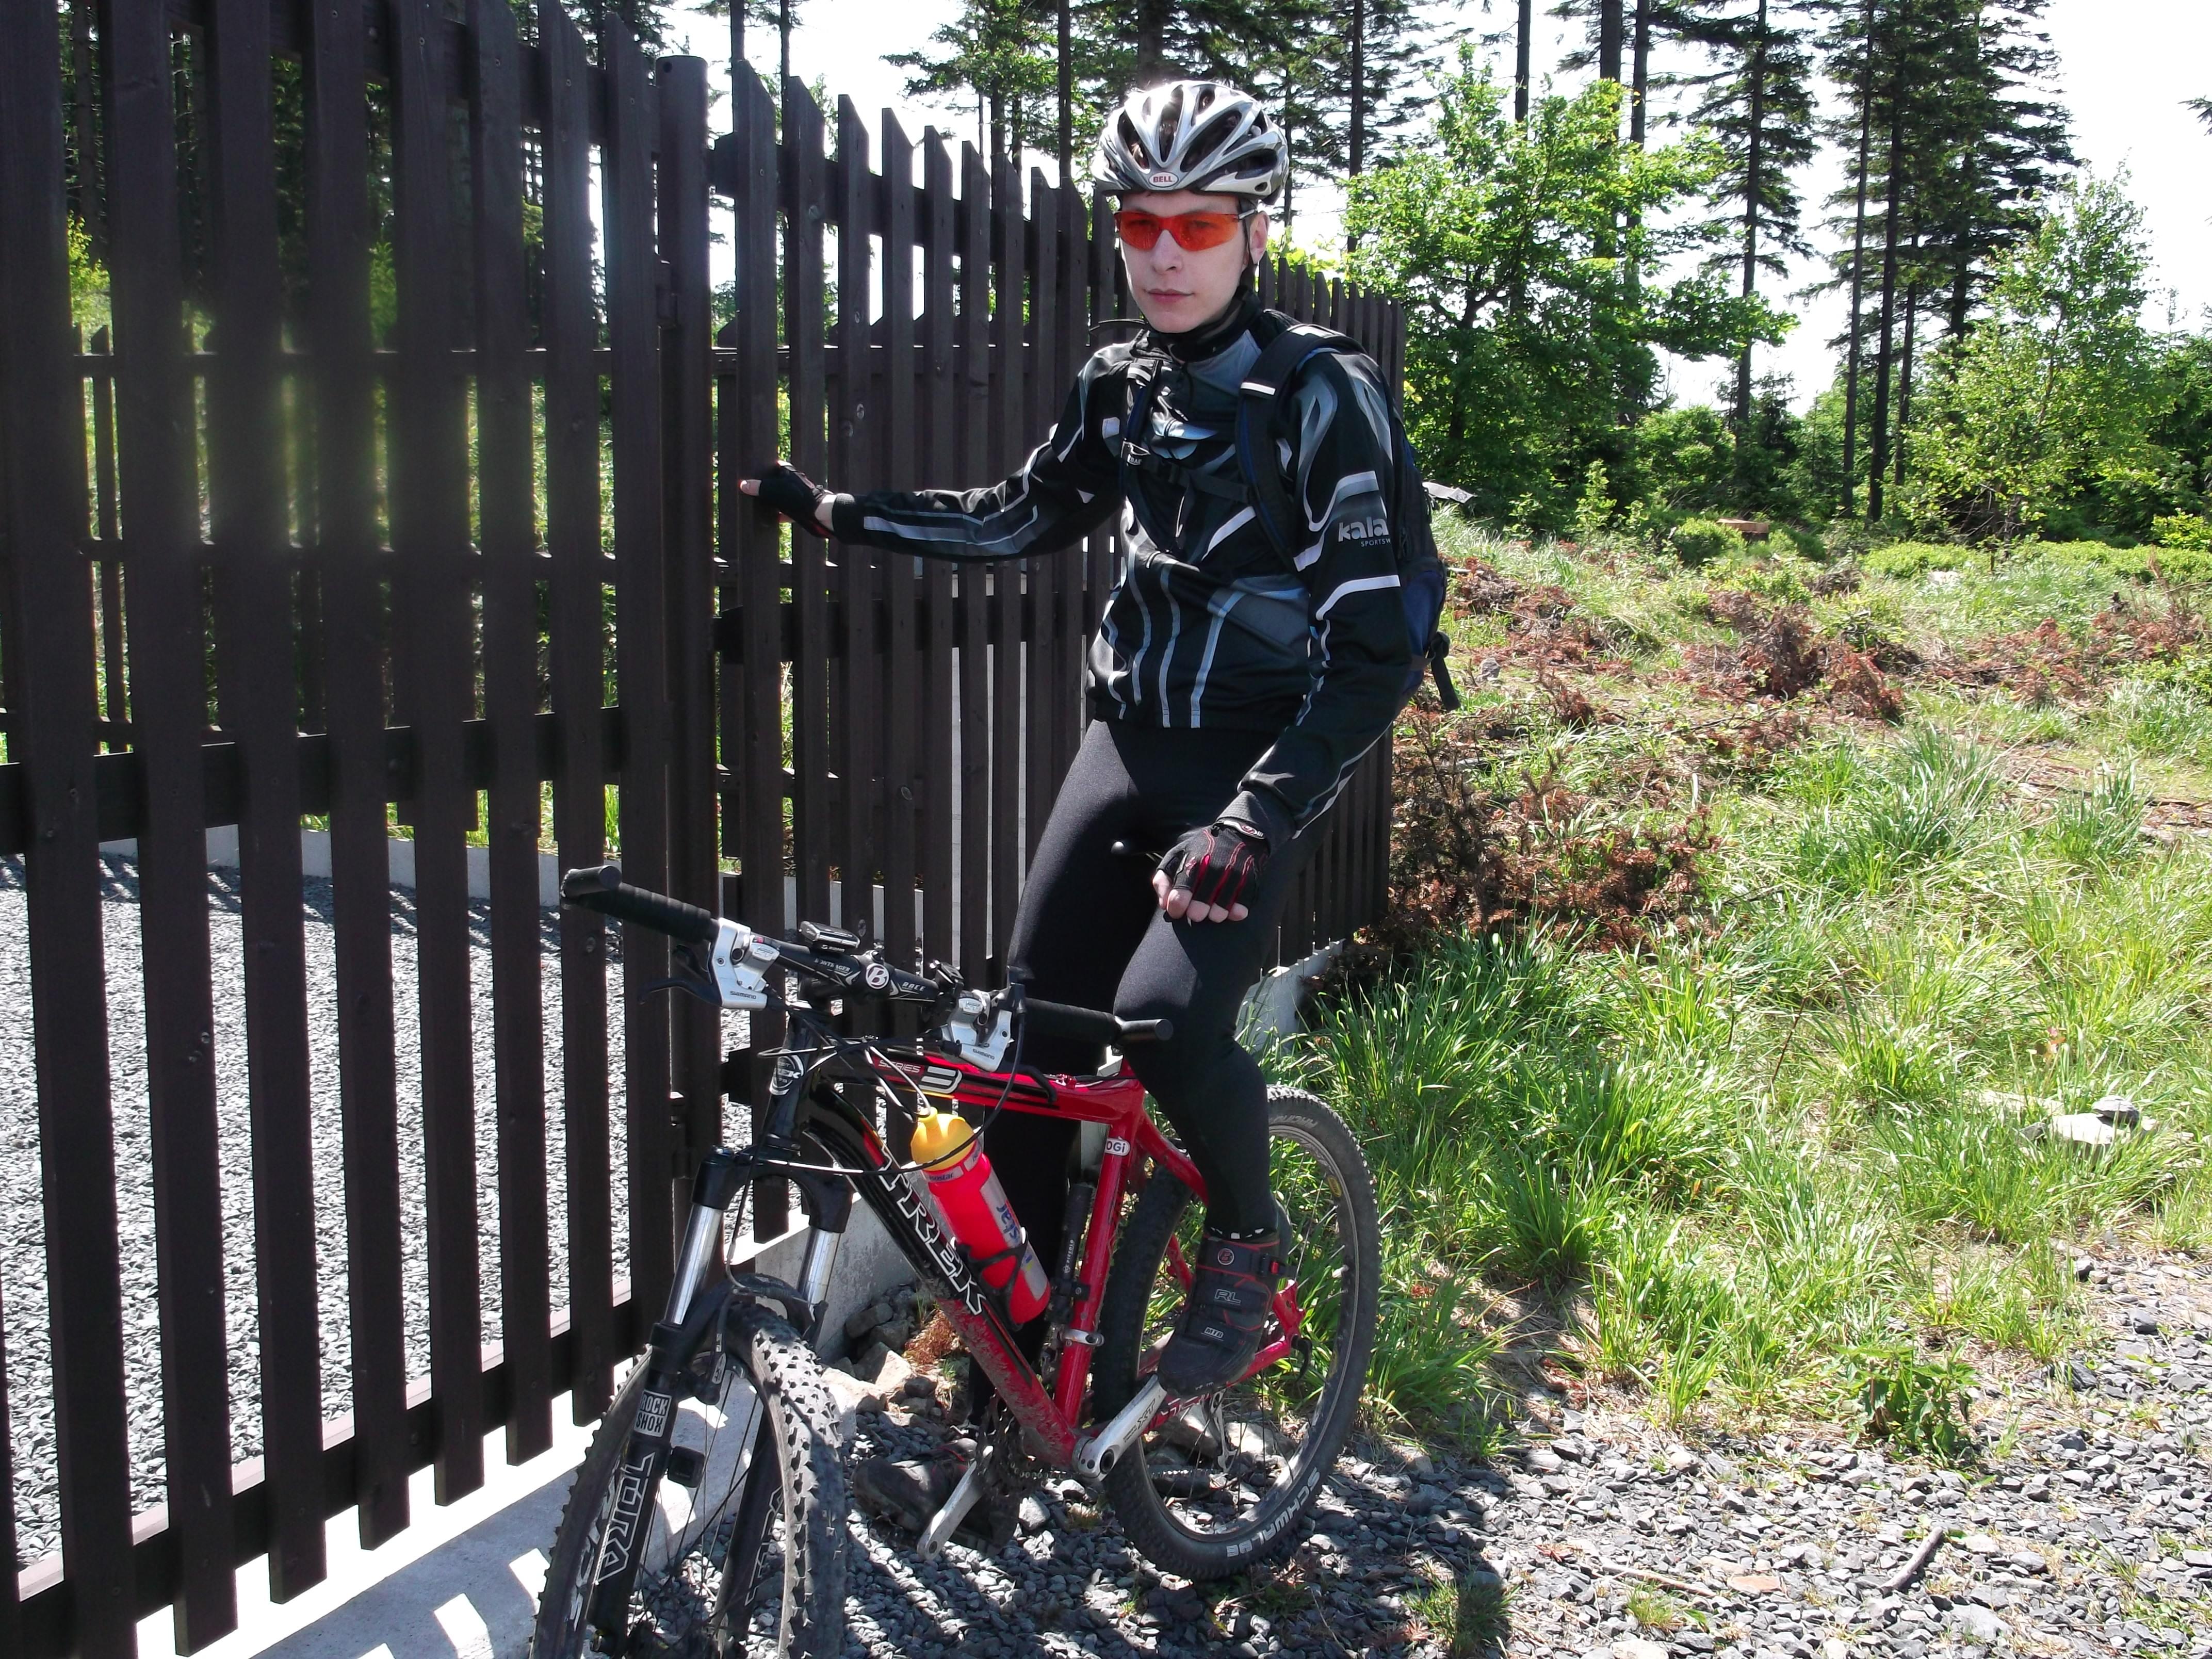 Marek odreagovává třeba jízdou na kole. Zdroj fotky: Archiv Marka Maťovky